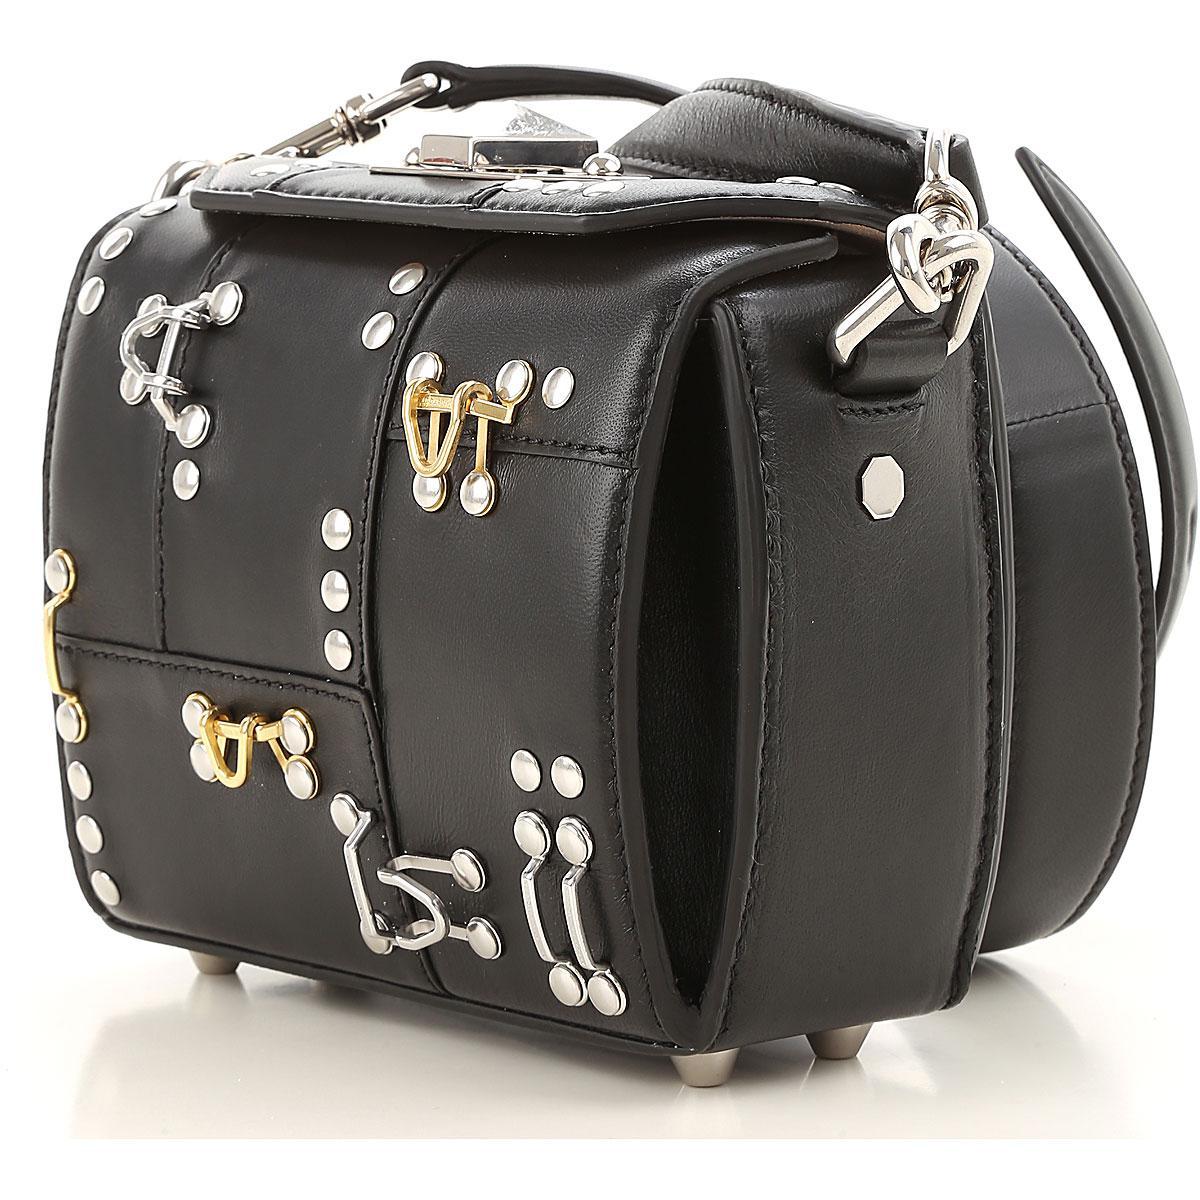 Michael Kors Black leather chain strap shoulder bag